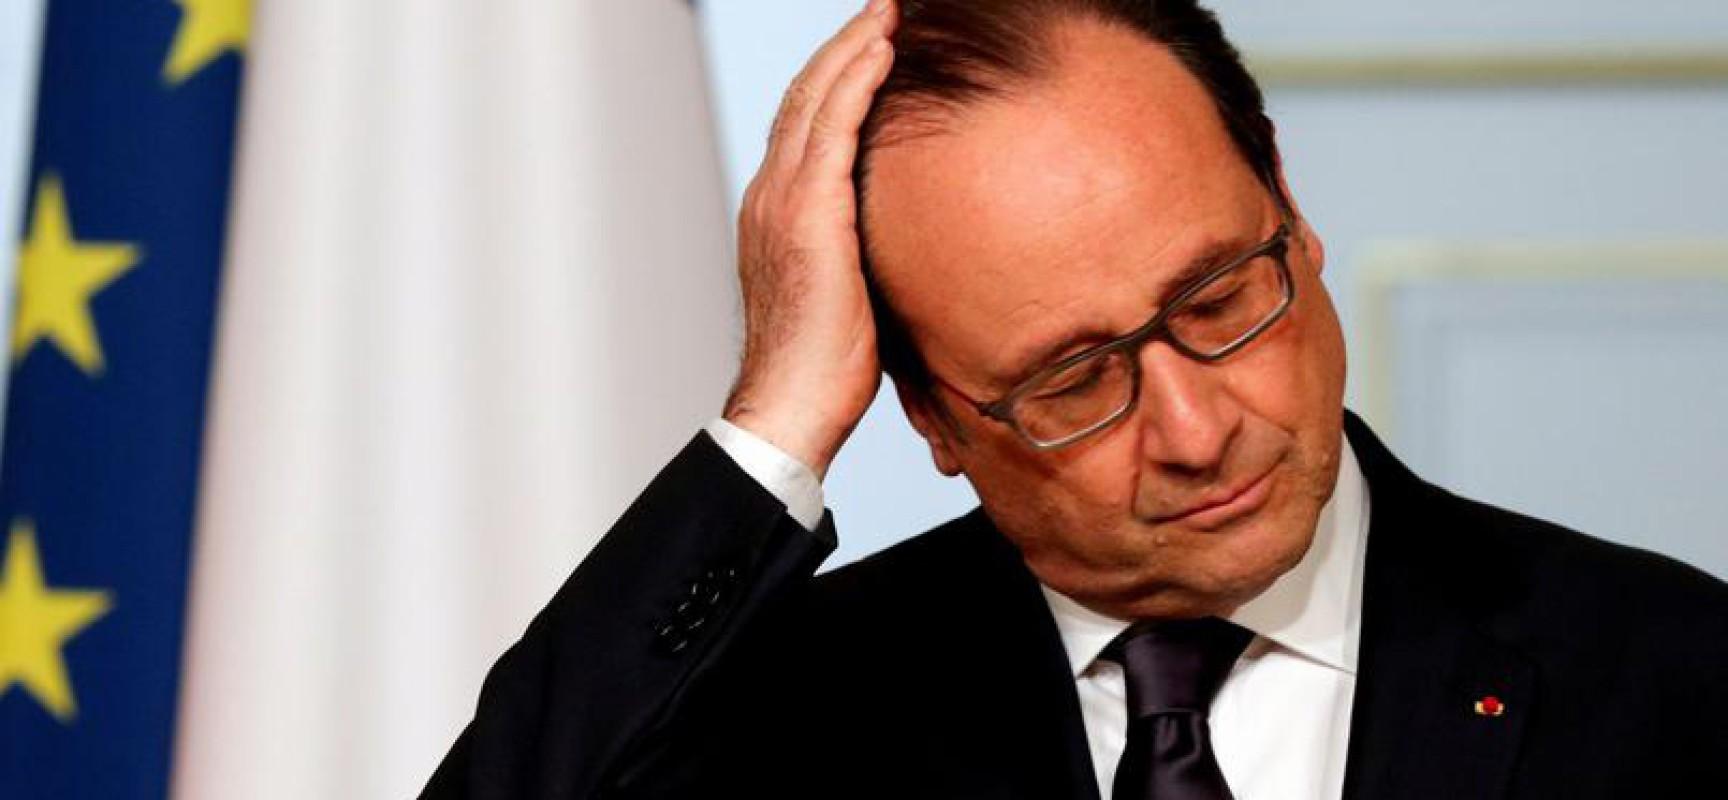 Les perles de François Hollande